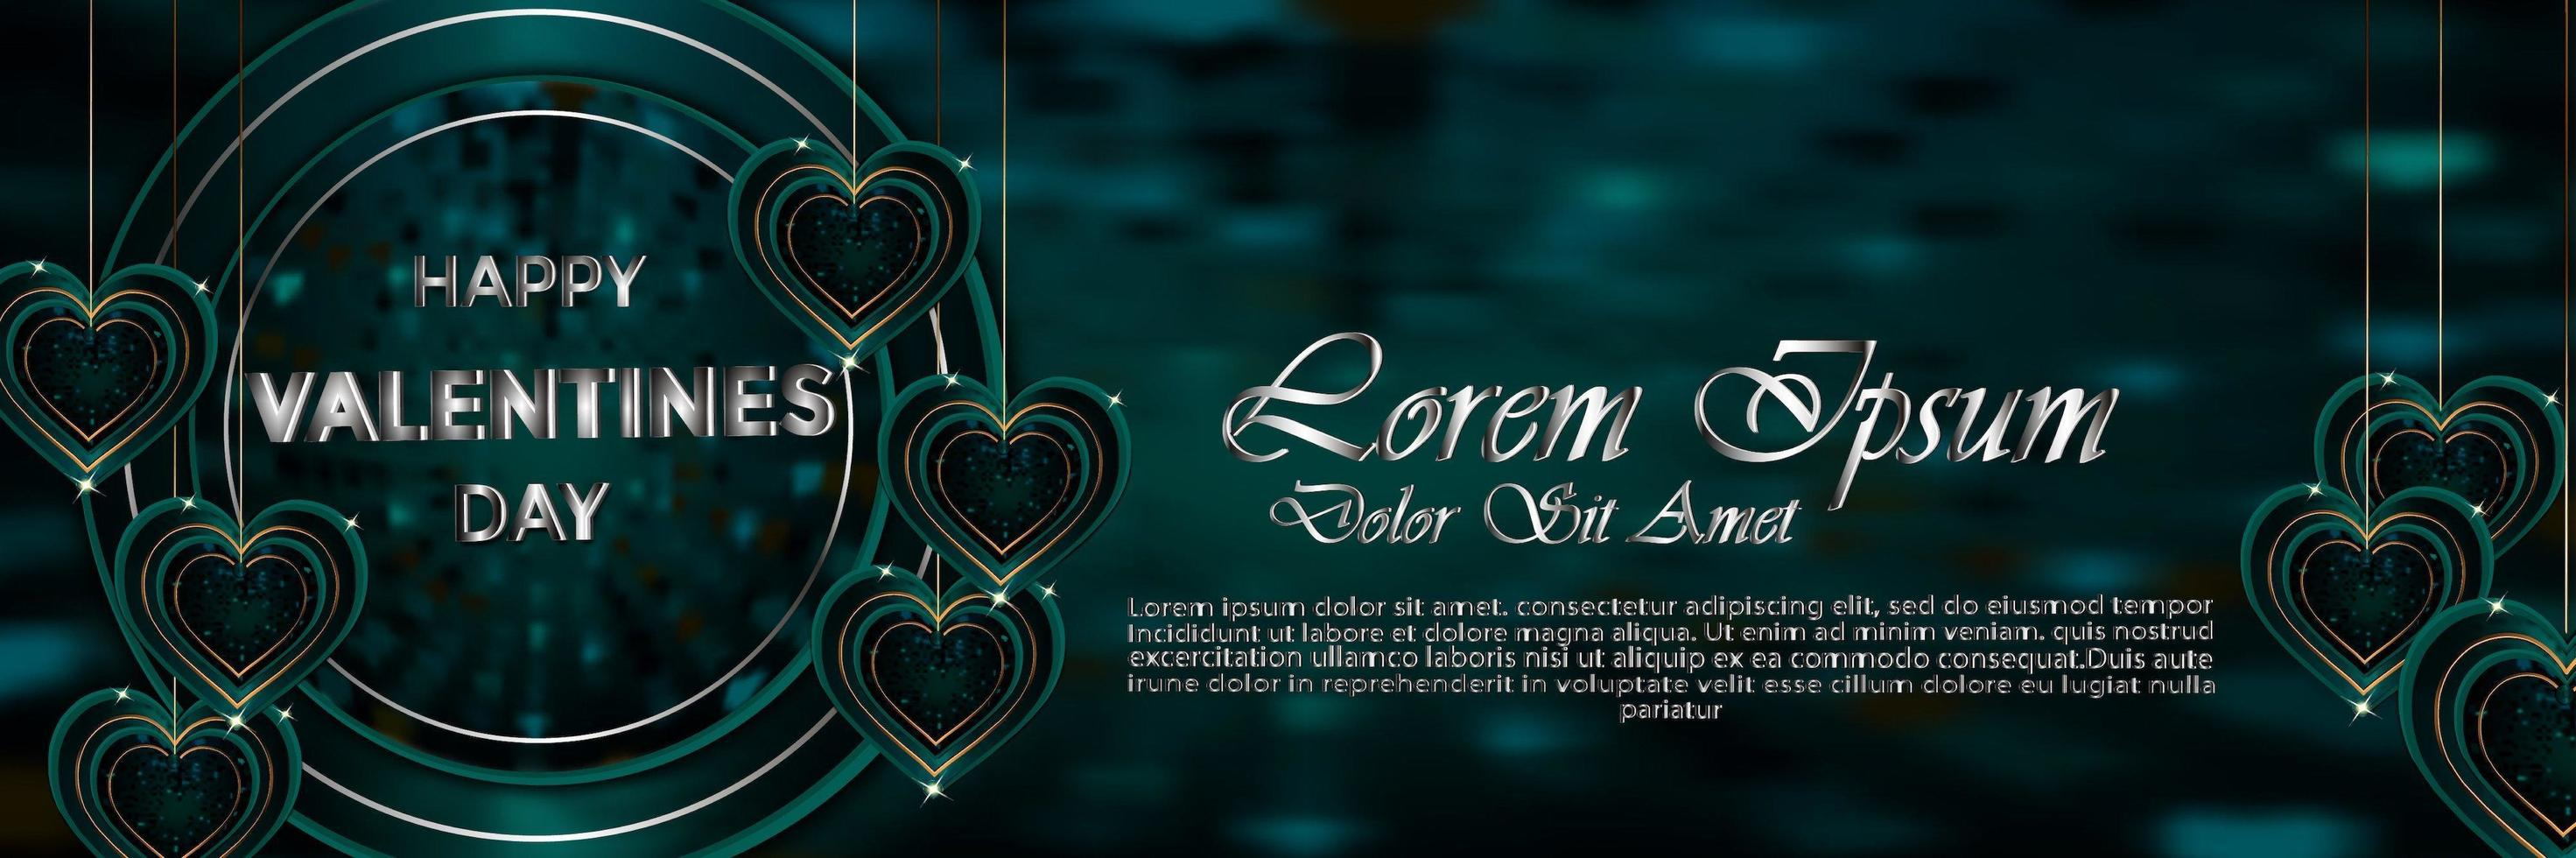 banner felice giorno di San Valentino verde con decorazione di San Valentino vettore